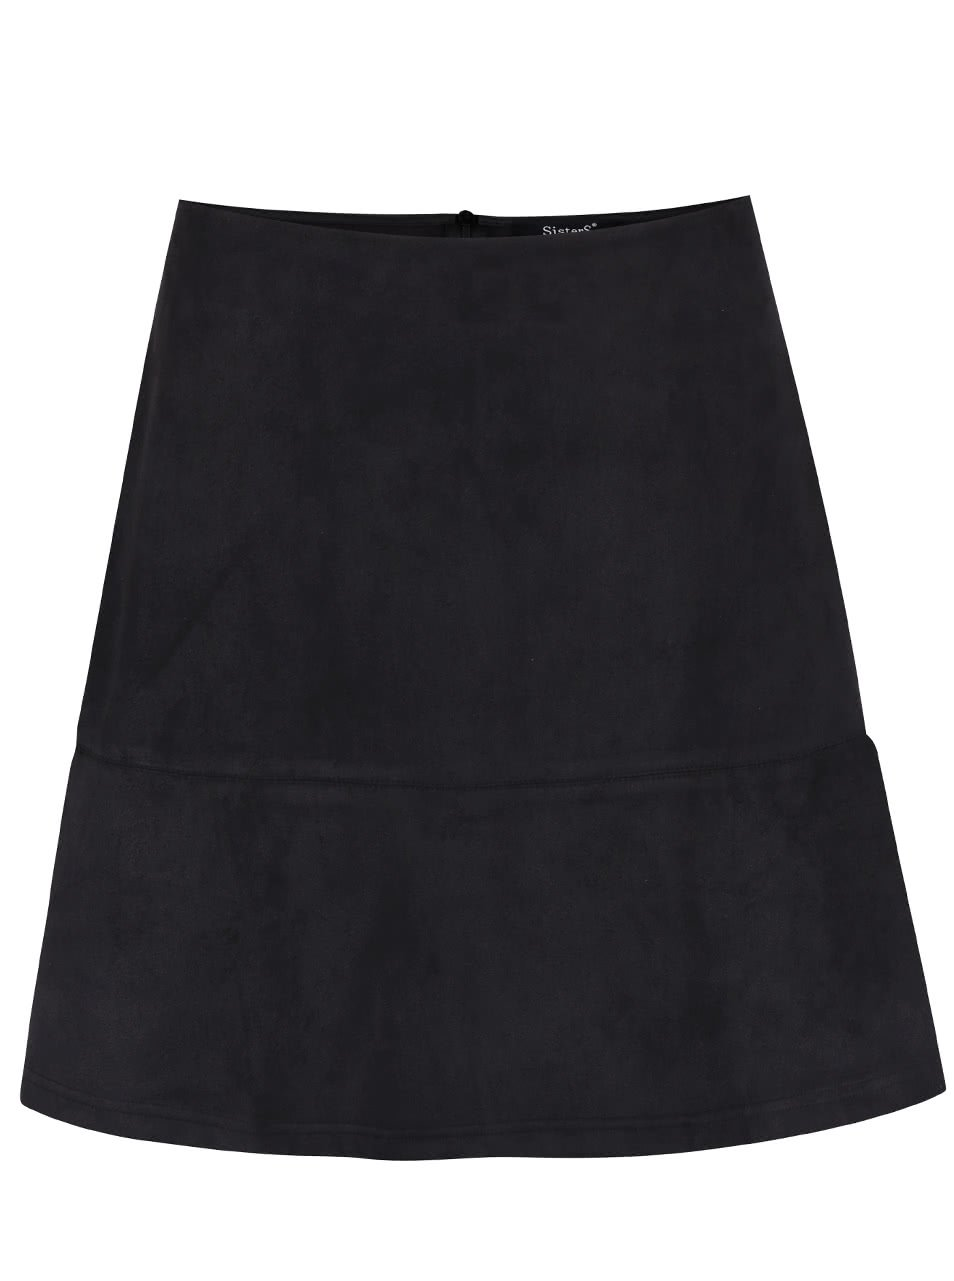 Černá sukně v semišové úpravě SisterS Point Sera bdf7c0edae